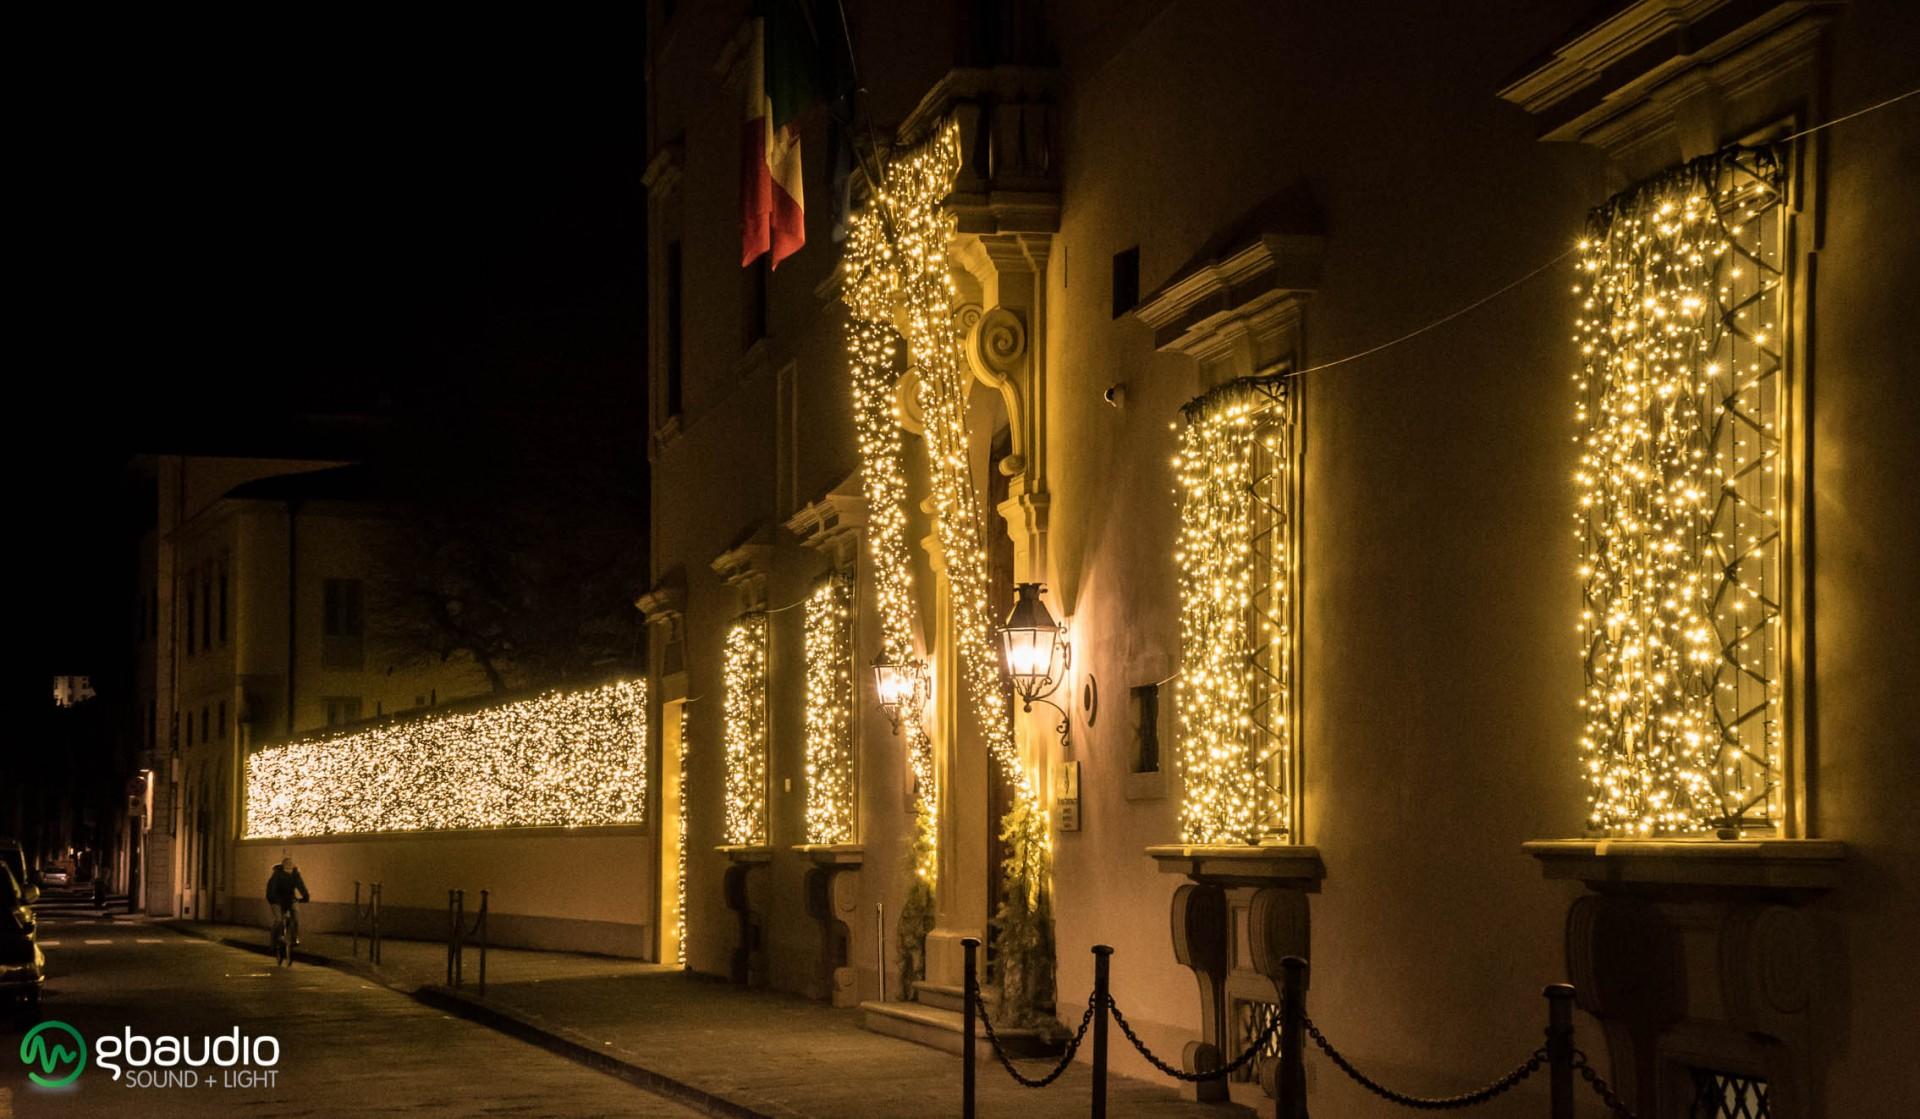 Allestimenti di Natale presso Hotel Four Seasons Firenze - 2